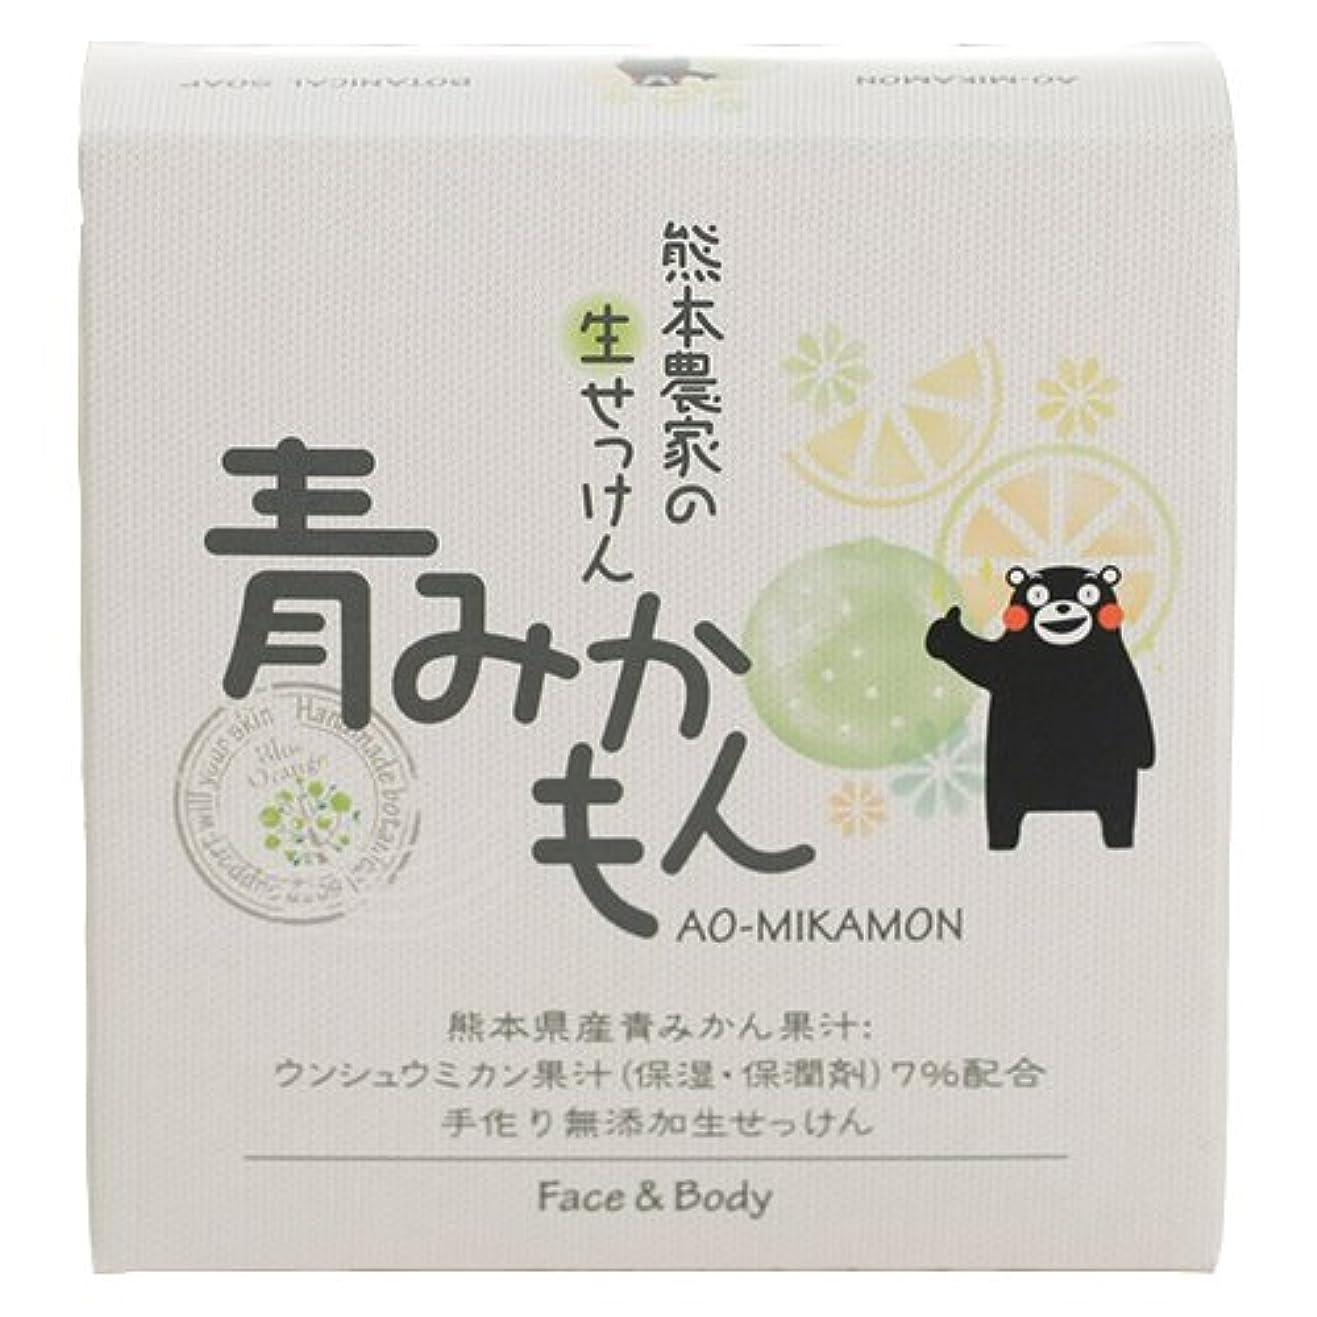 メロン事前両方ゼネラルリンク 熊本農家の生せっけん 青みかもん 80g 石鹸 柑橘系の自然な香り